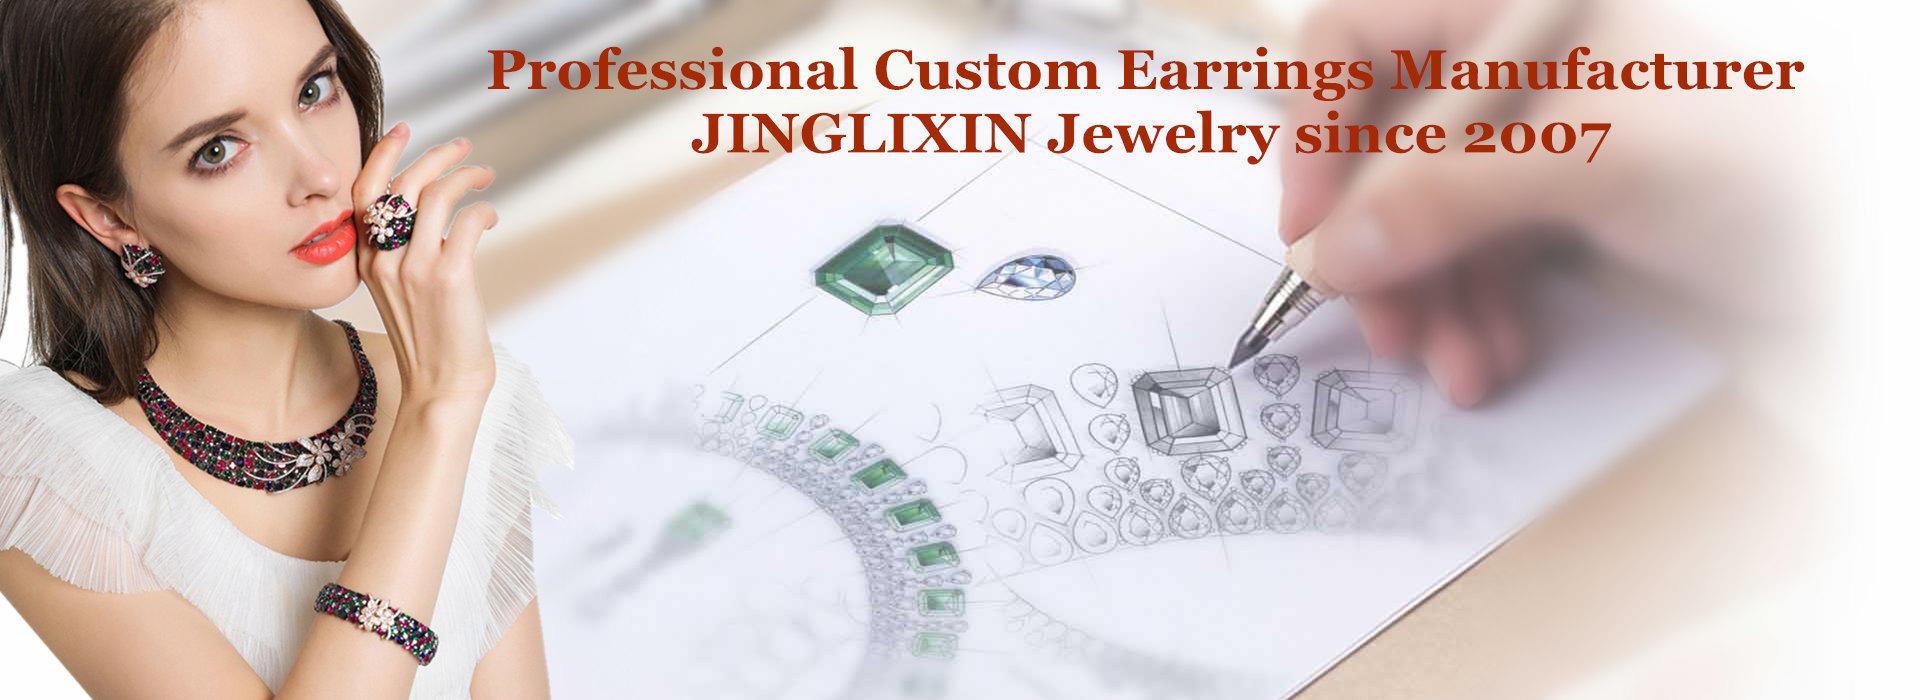 custom name earrings factory, custom gold earrings supplier, custom earrings manufacturer